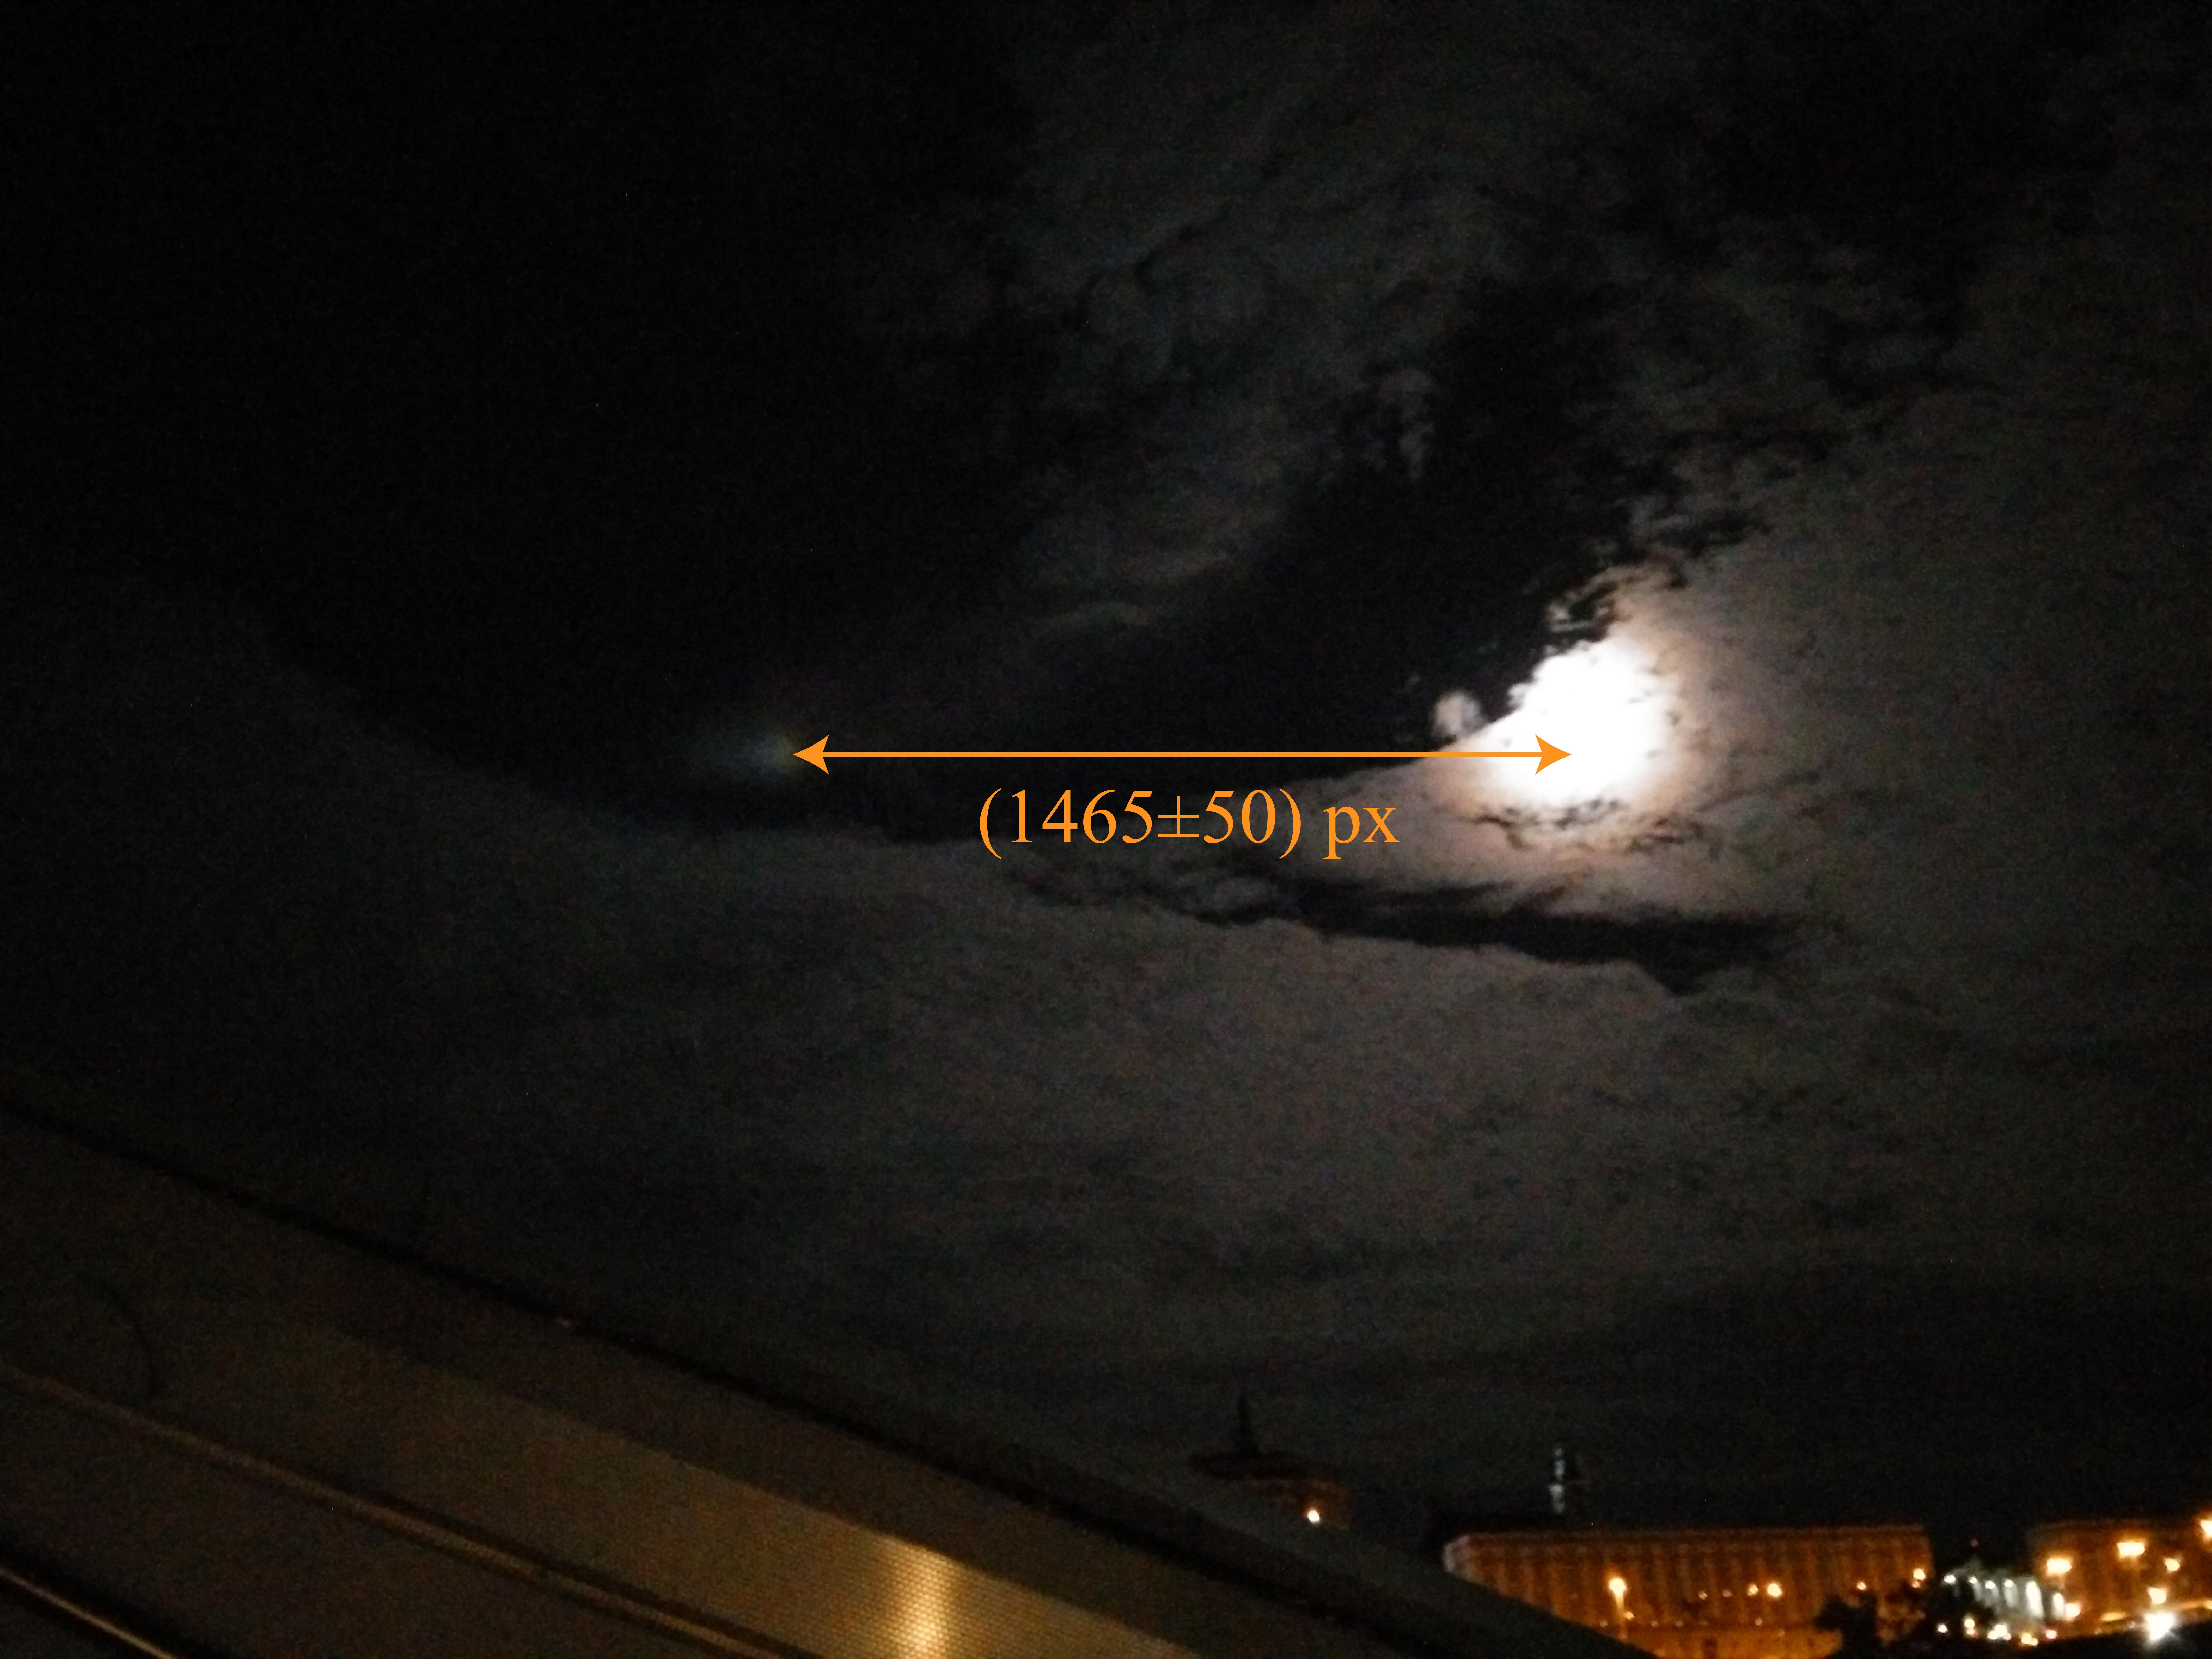 Der Abstand zwischen Lichtphänomen und Mond in Pixeln